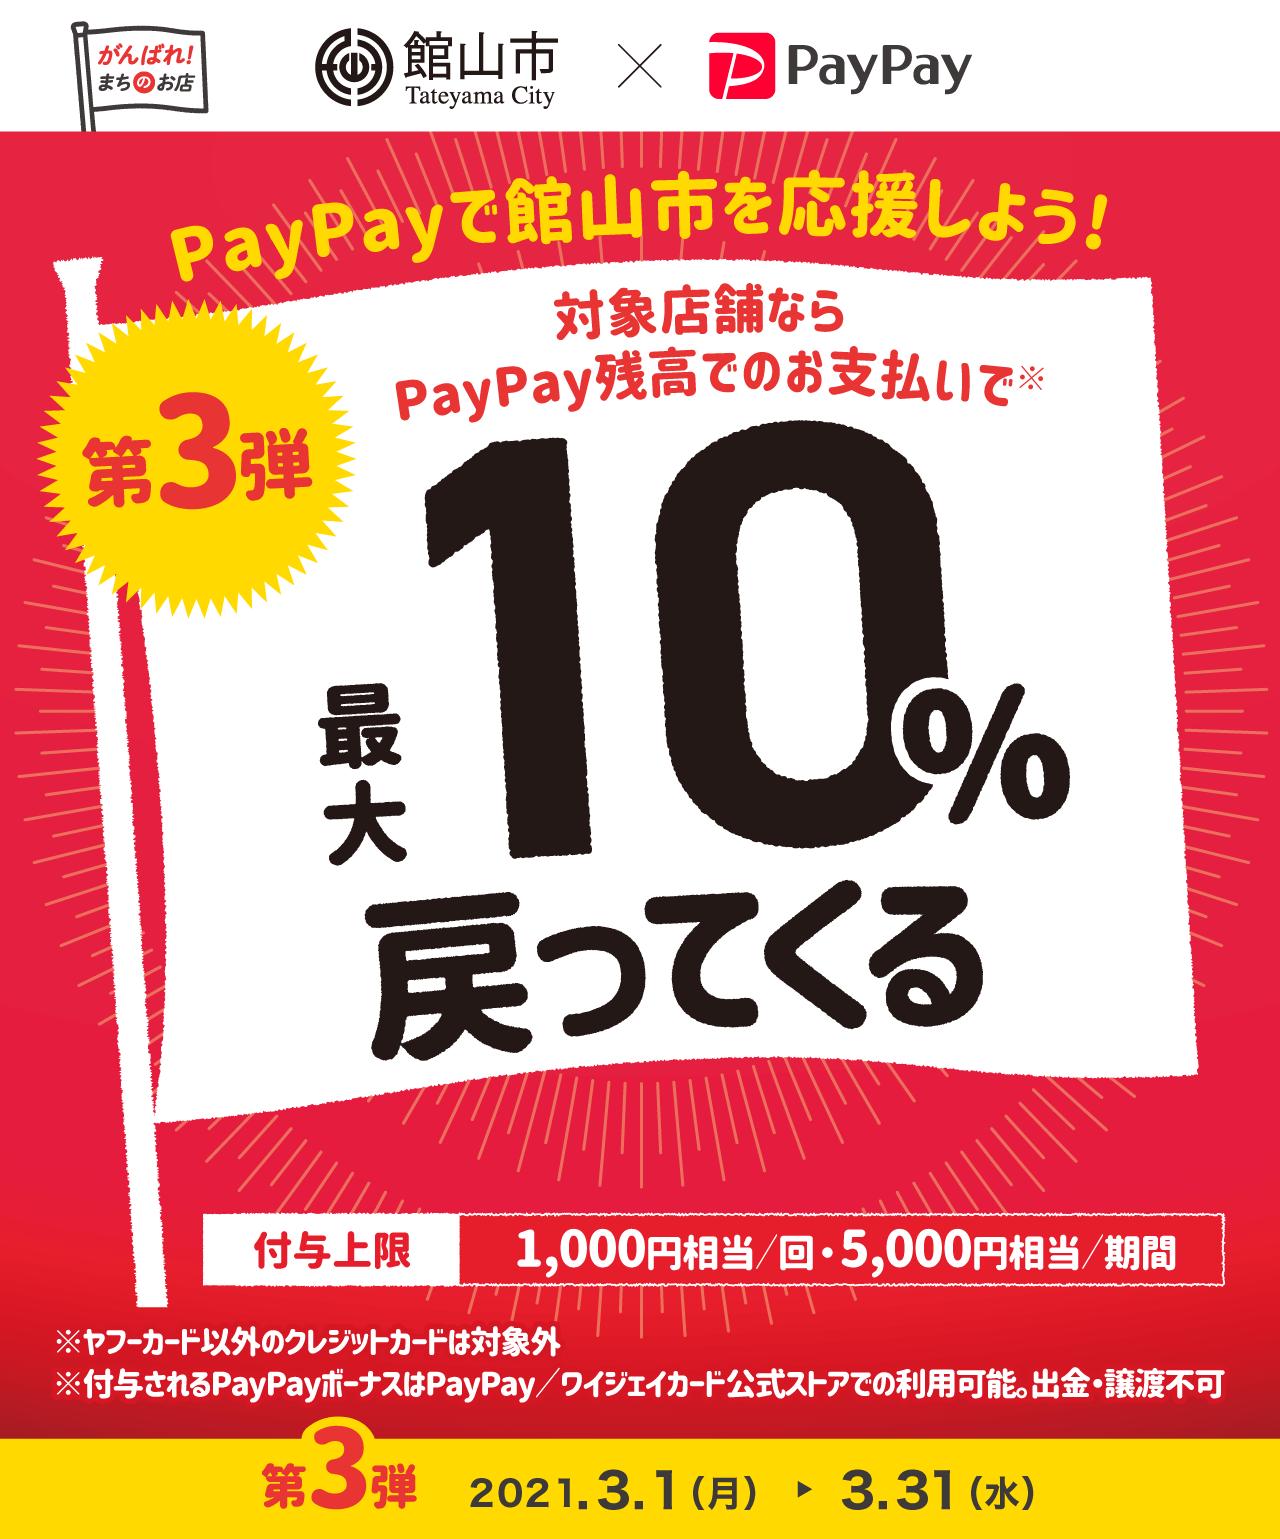 PayPayで館山市を応援しよう! 第3弾 対象店舗ならPayPay残高でのお支払いで最大10%戻ってくる